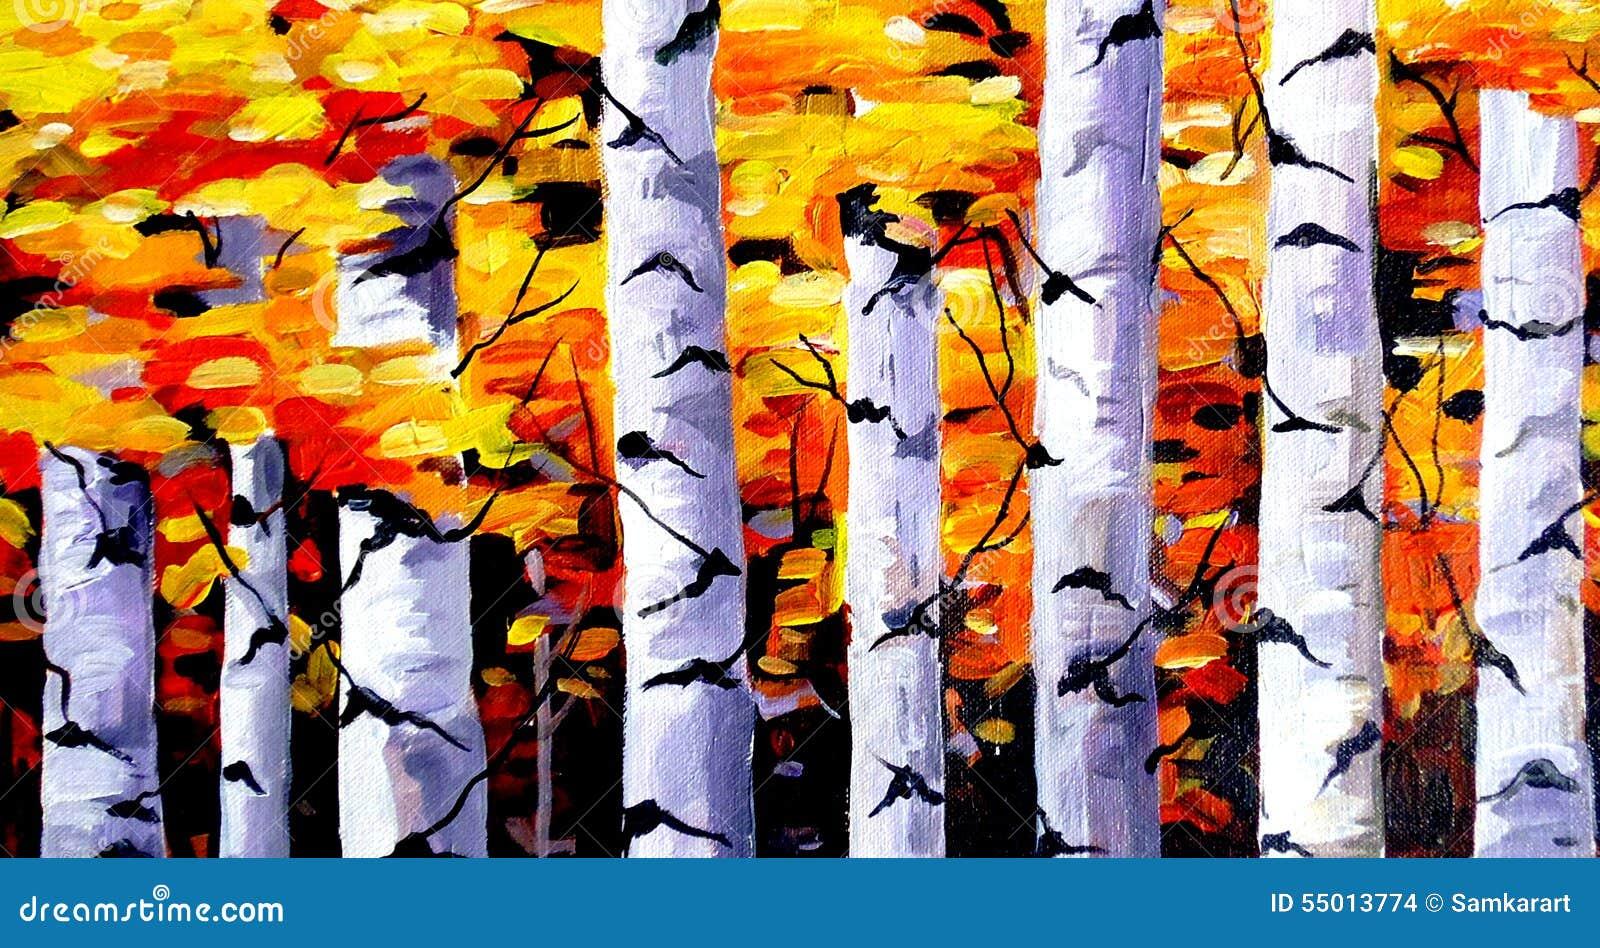 photo stock fort acrylique sur la peinture de toile image